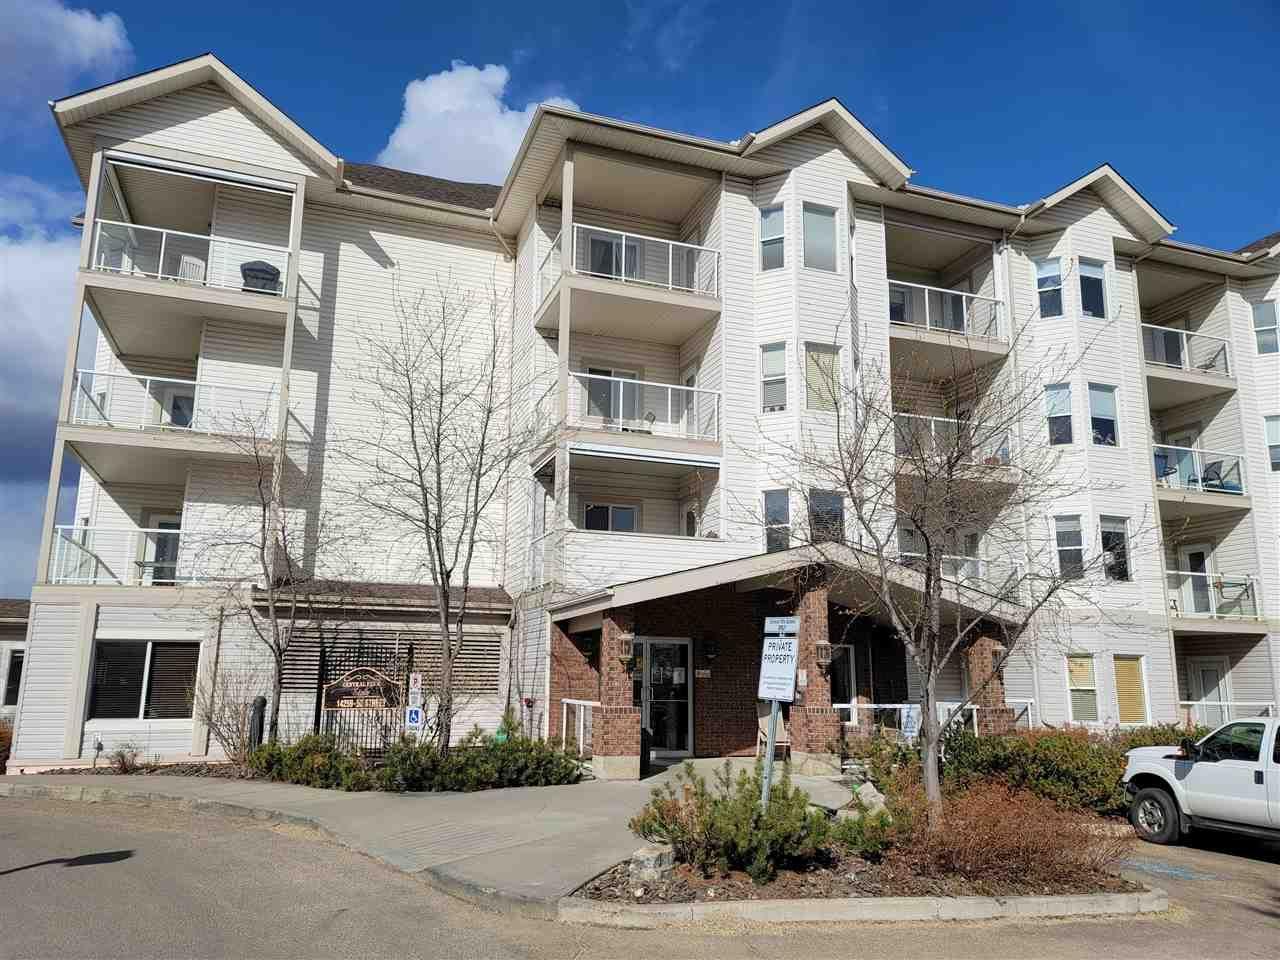 Main Photo: #108 14259 50 Street in Edmonton: Zone 02 Condo for sale : MLS®# E4239927